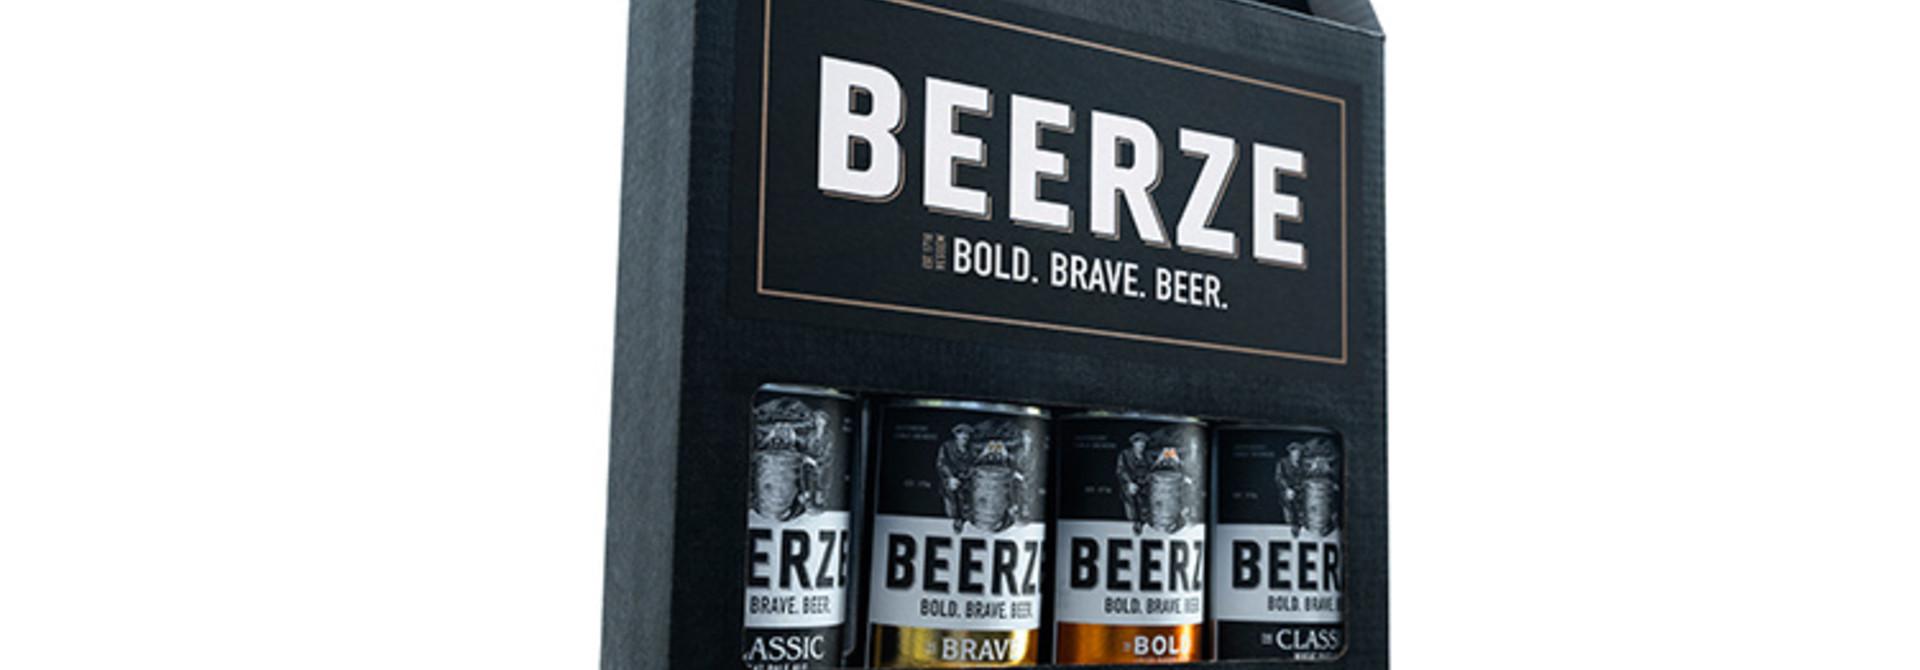 Beerze 4-Pack